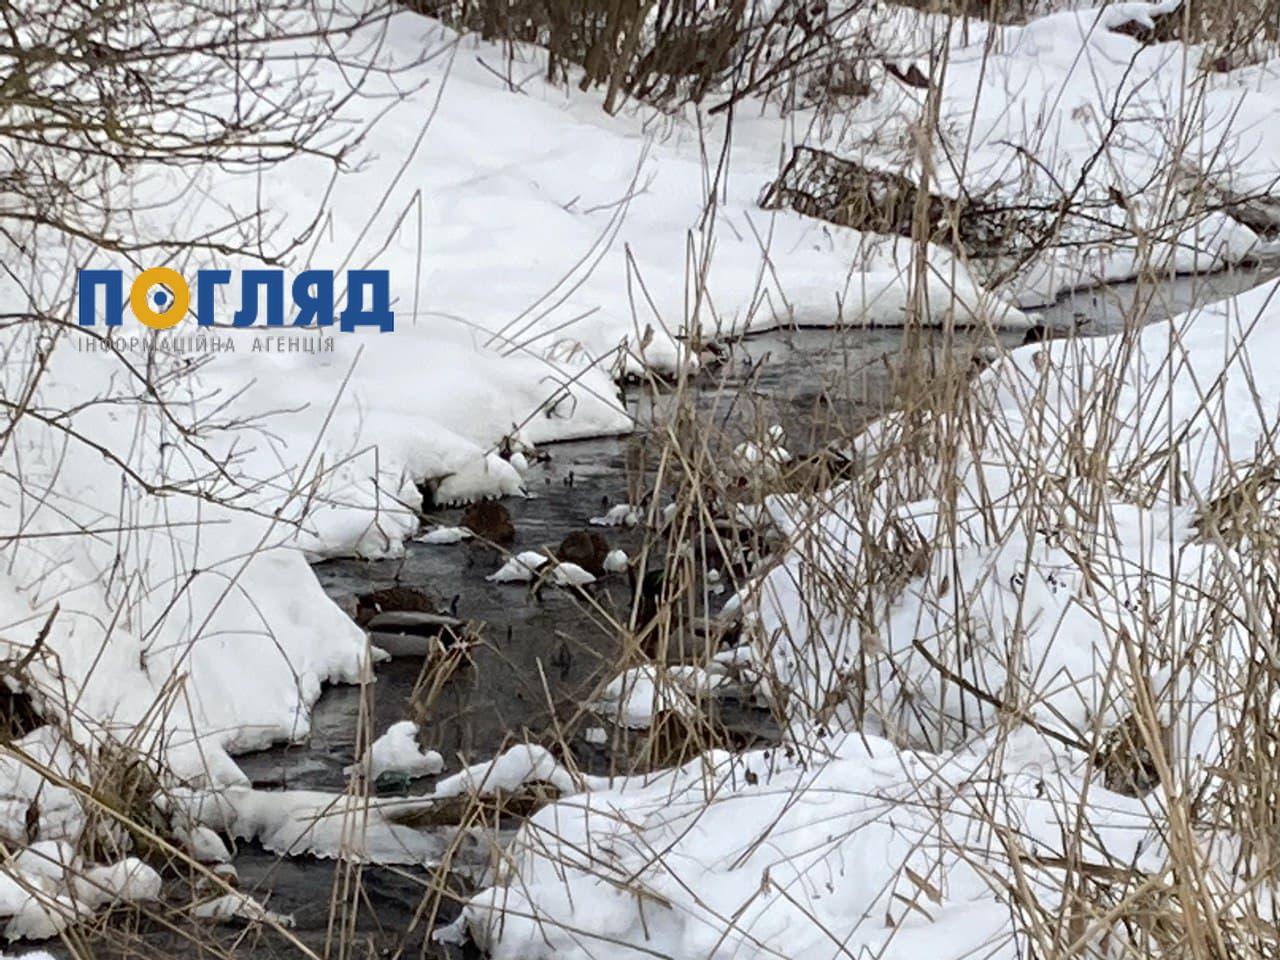 Температурні коливання в Україні: вночі – мороз, вдень – потепління -  - photo 2021 02 20 12 30 17